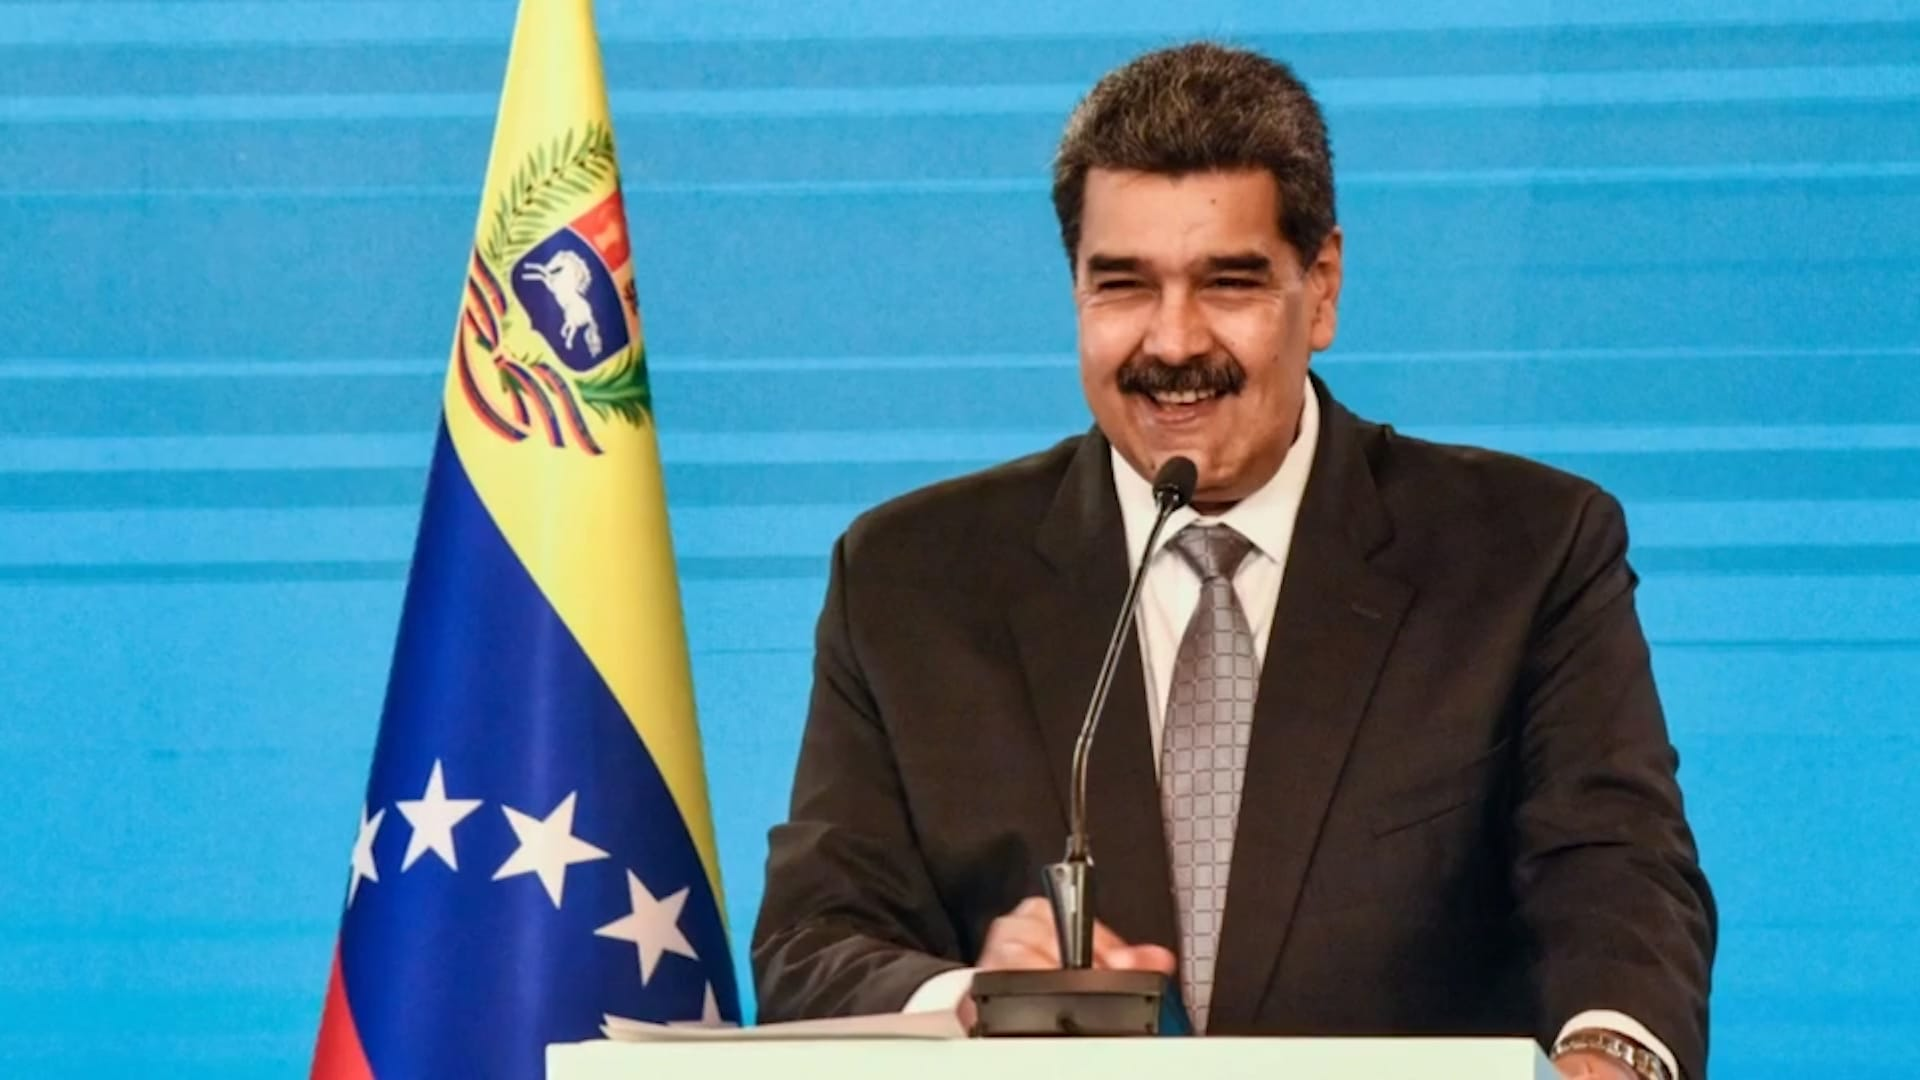 الولايات المتحدة تسلم ممولاً رئيسياً لرئيس فنزويلا